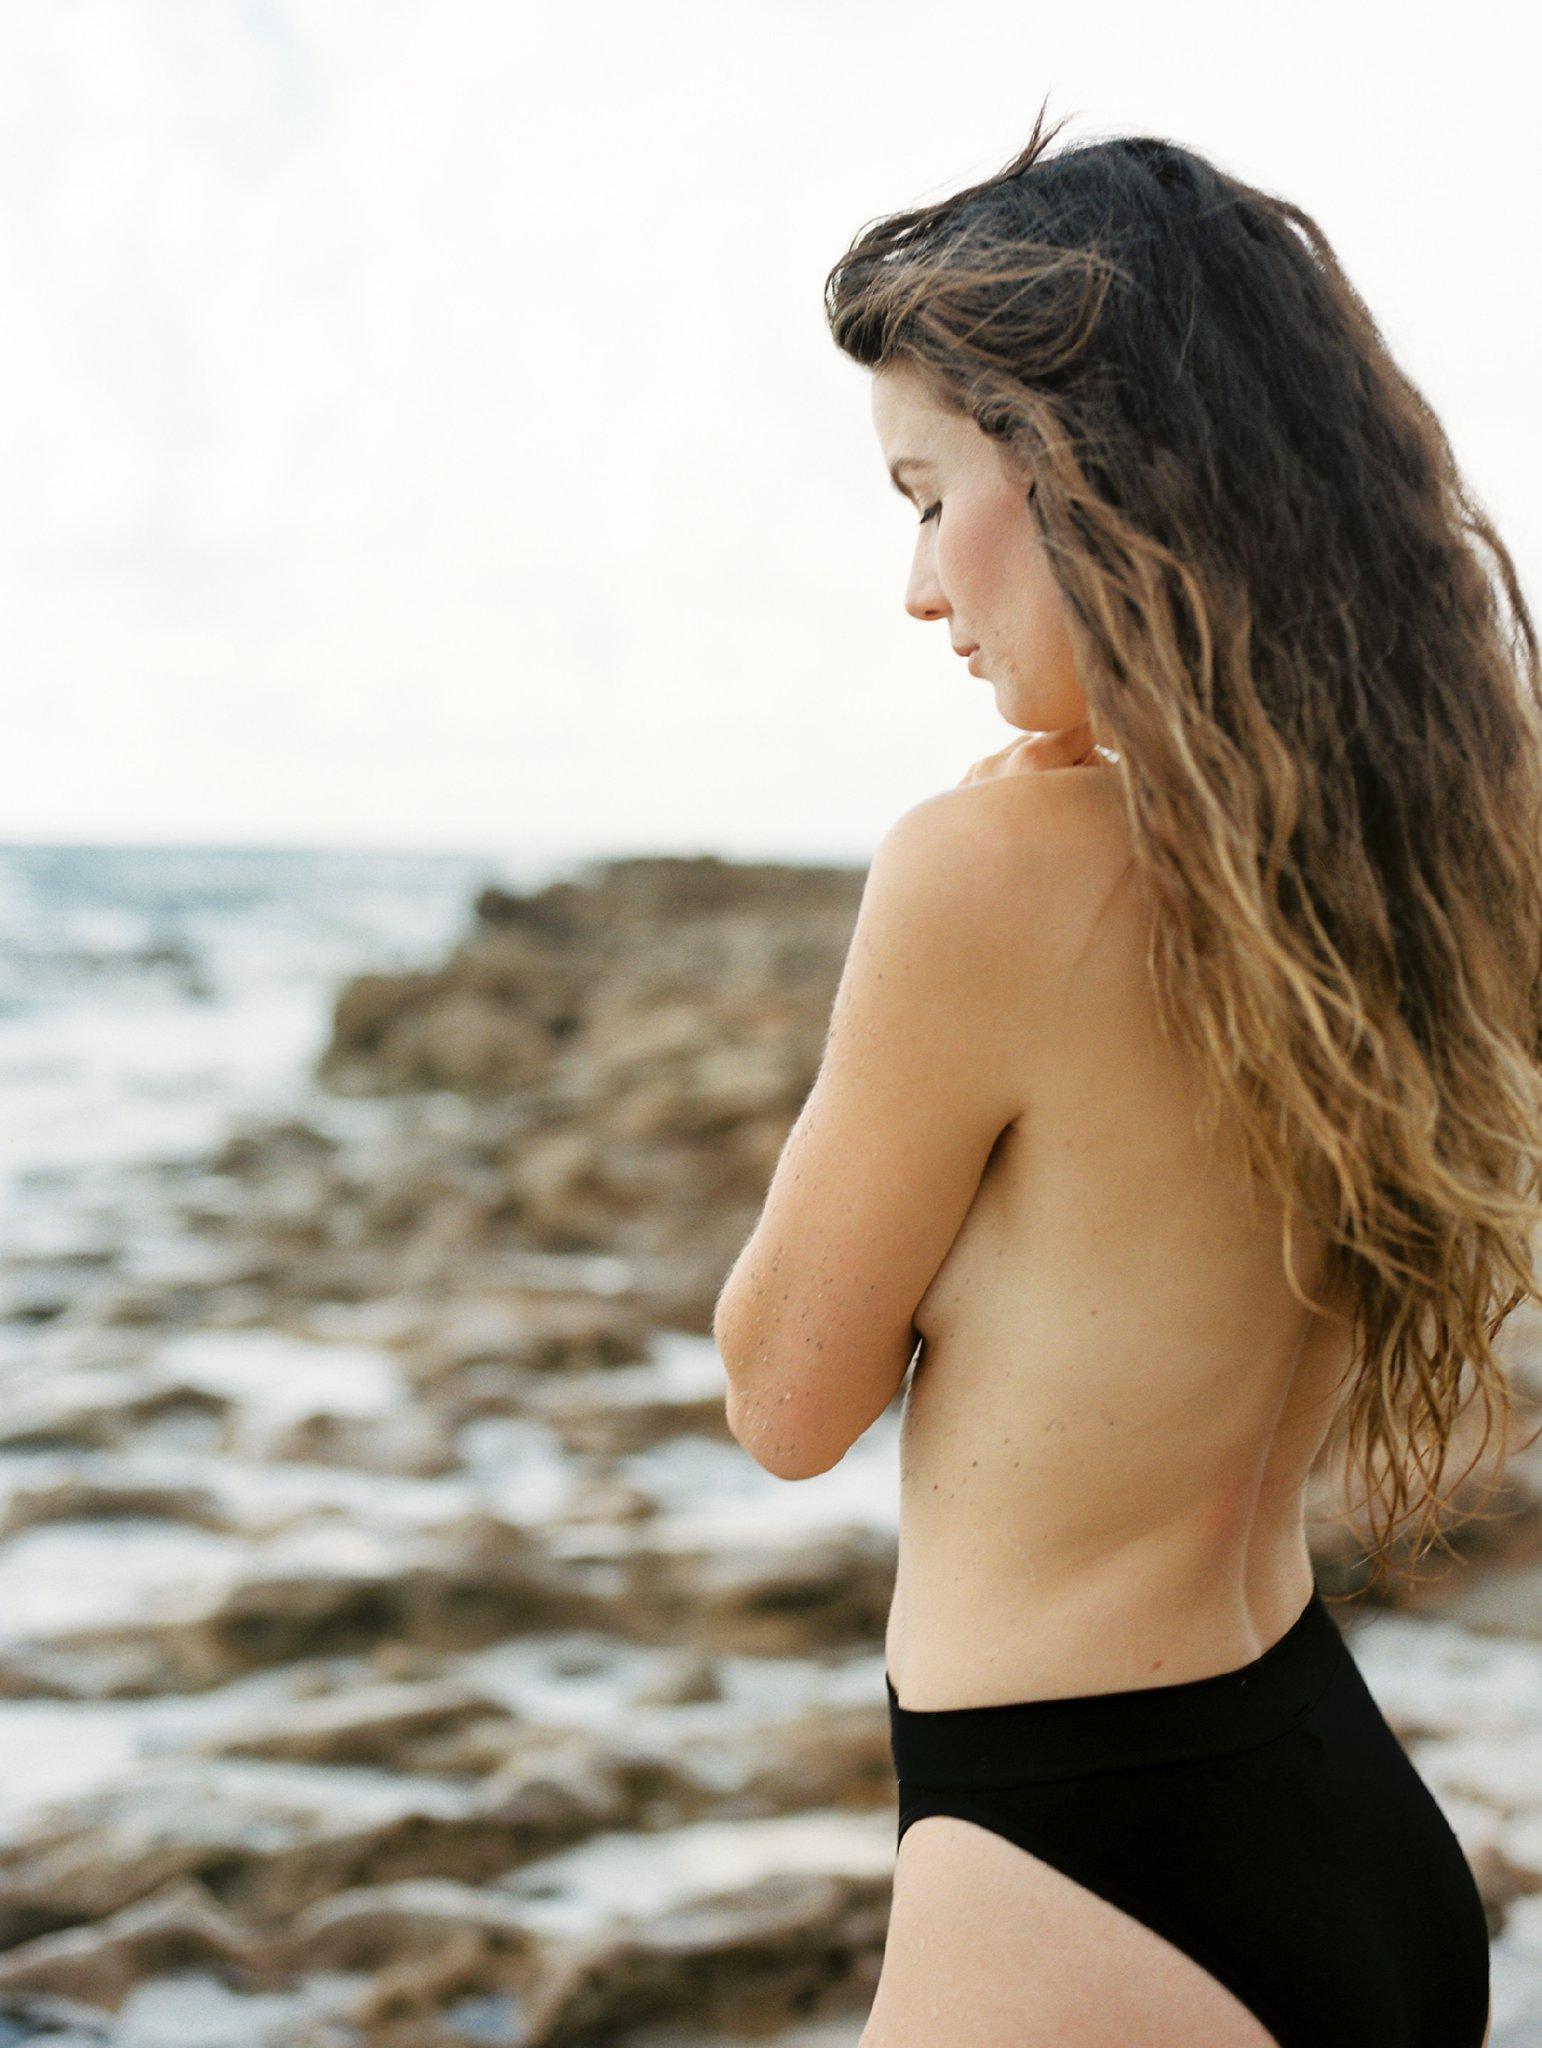 west palm beach boudoir photographer shannon griffin photography_0001.jpg